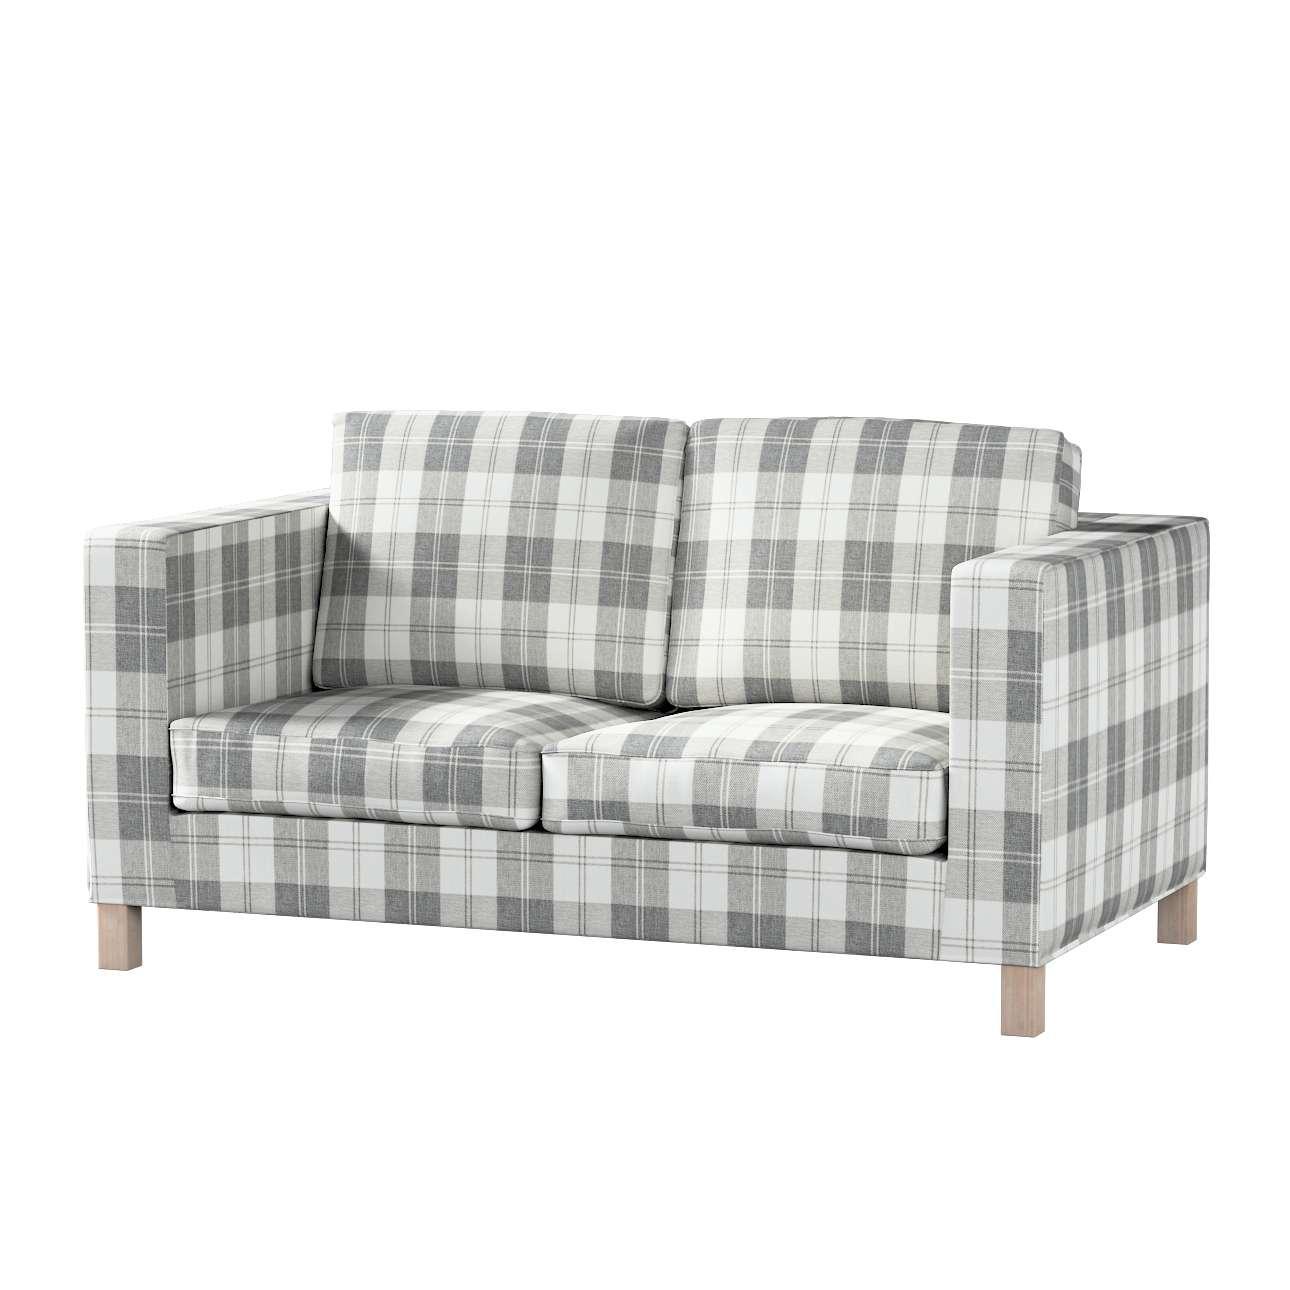 Pokrowiec na sofę Karlanda 2-osobową nierozkładaną, krótki Sofa Karlanda 2-os w kolekcji Edinburgh, tkanina: 115-79